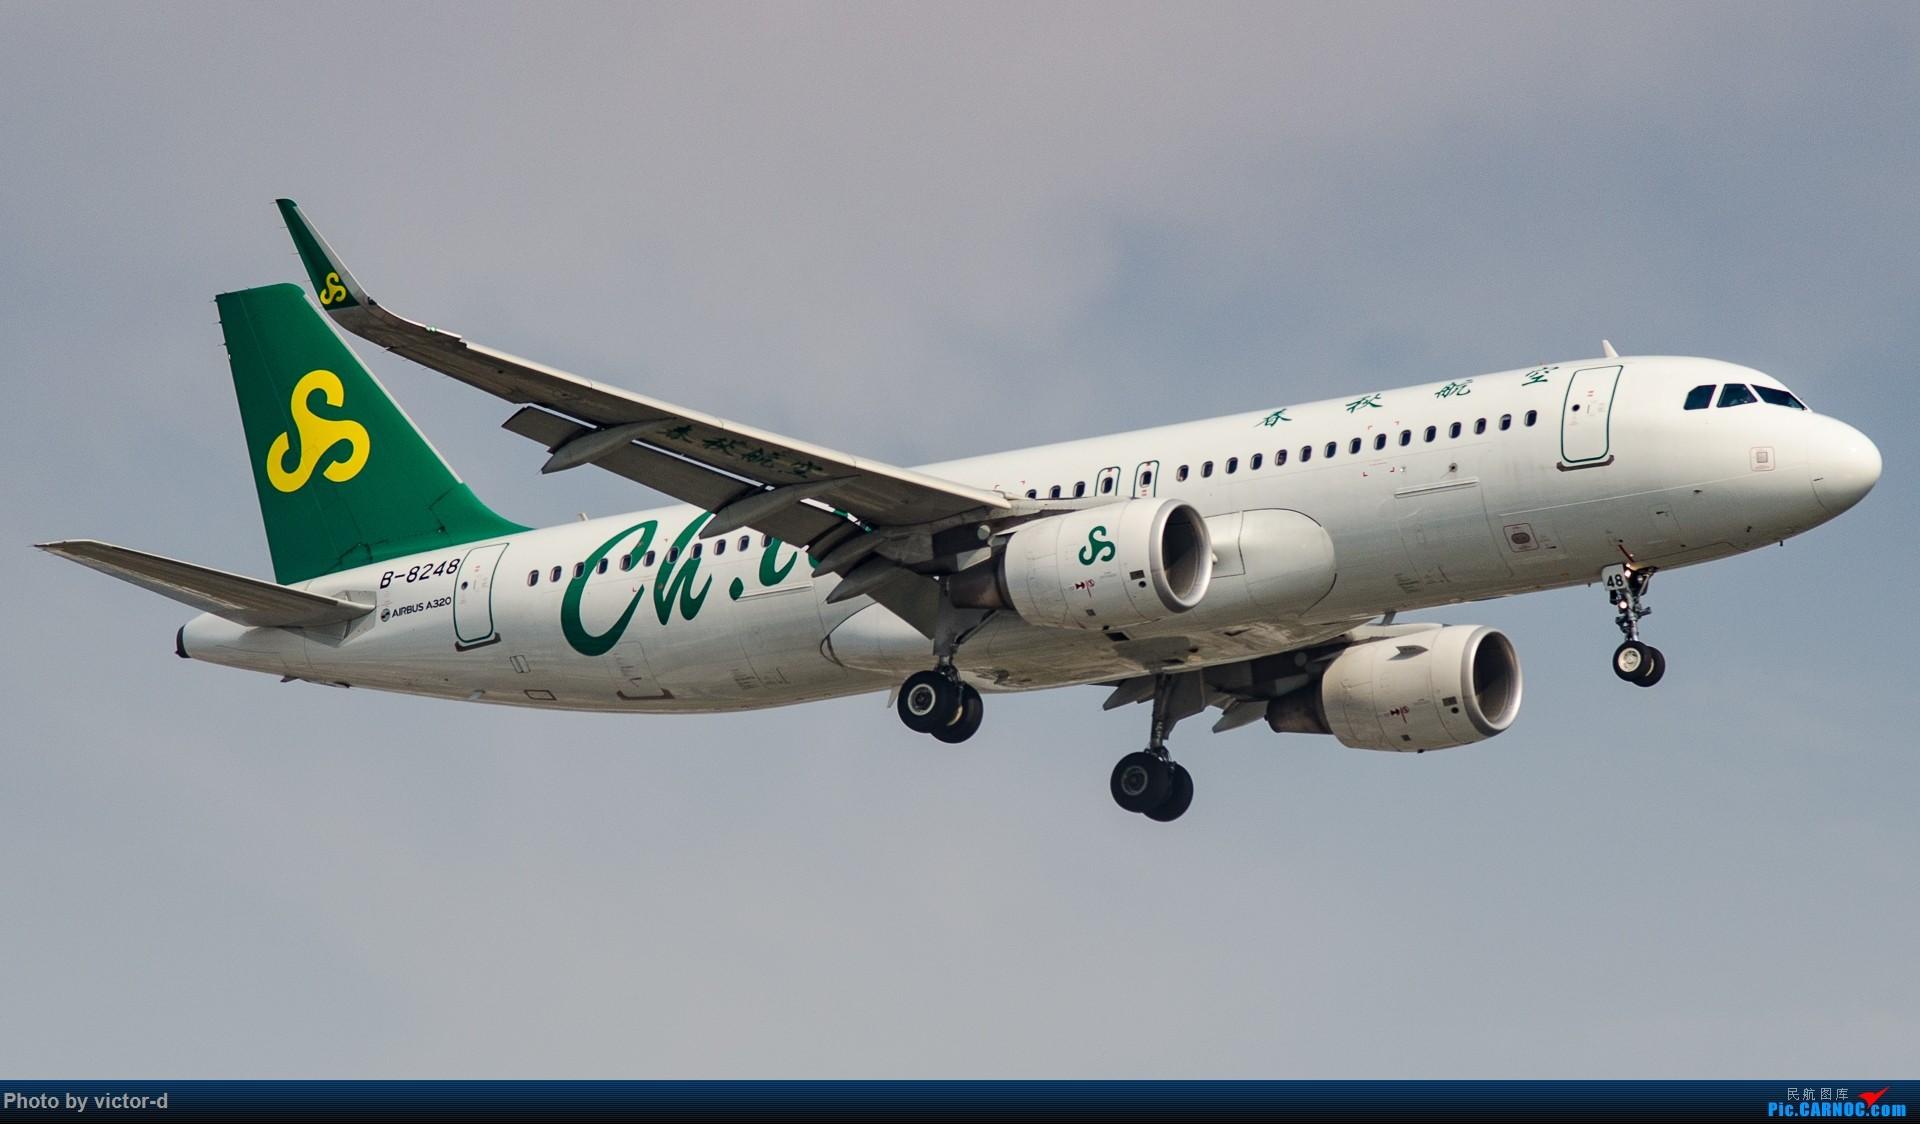 Re:[原创]【上海】拍机记录帖-记录这些年拍到的飞机 AIRBUS A320-200 B-8248 中国上海虹桥国际机场